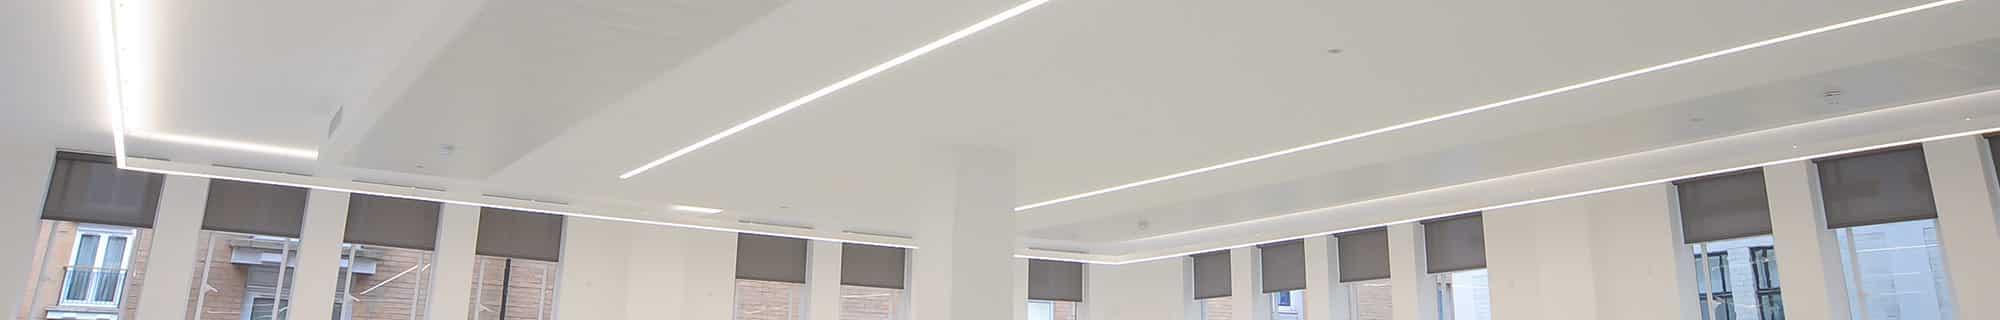 interior recessed lighting design